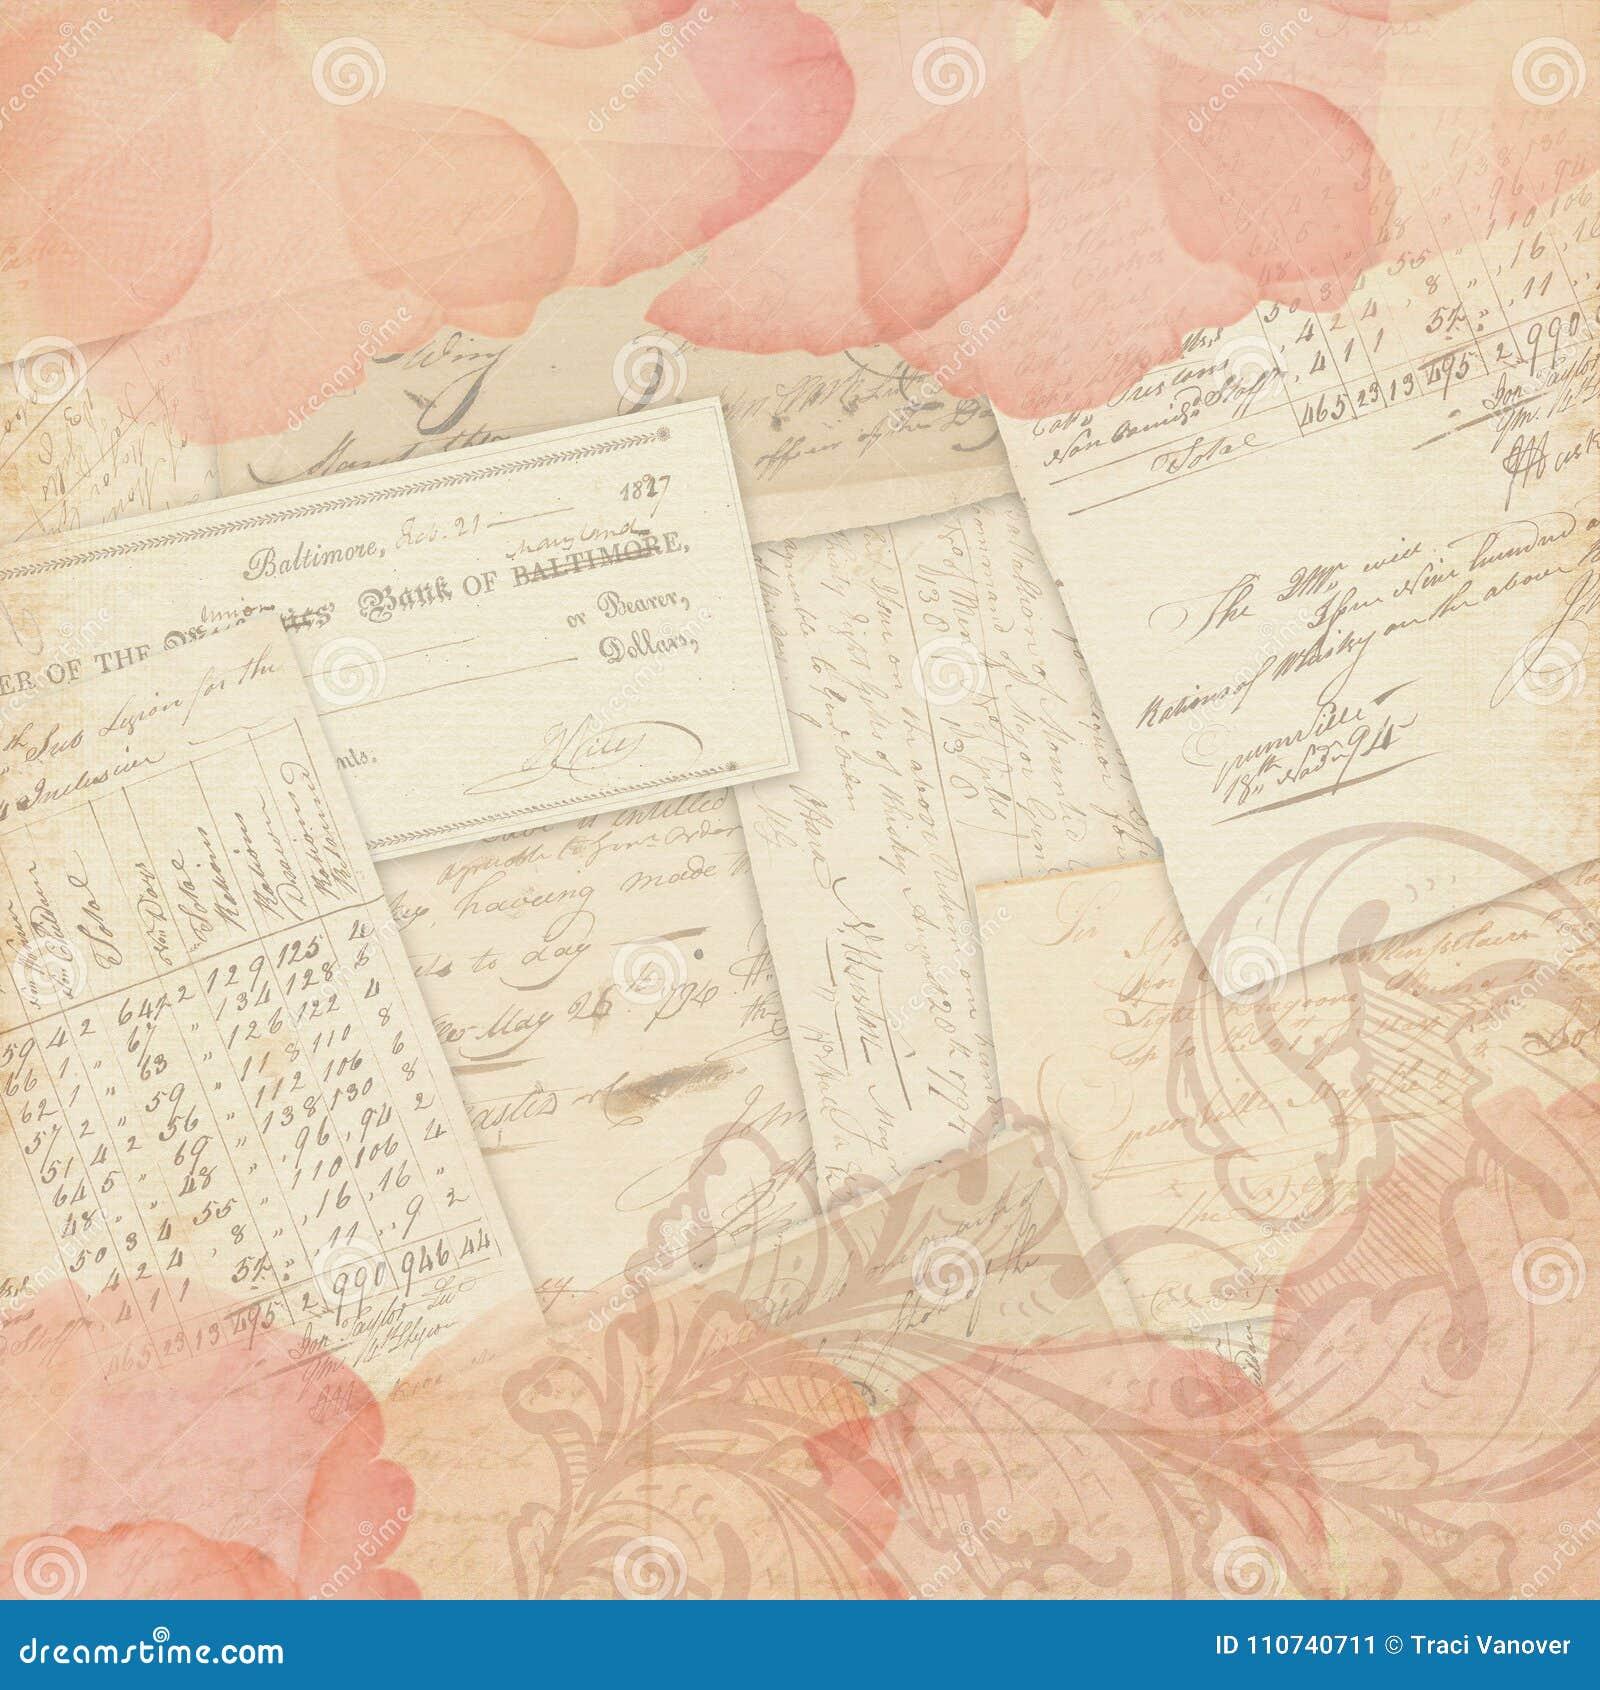 Uitstekende Collageachtergrond - Plakboekdocument Ontwerp - Gemengde Media Voorraad - Rose Petals en Efemere verschijnselen